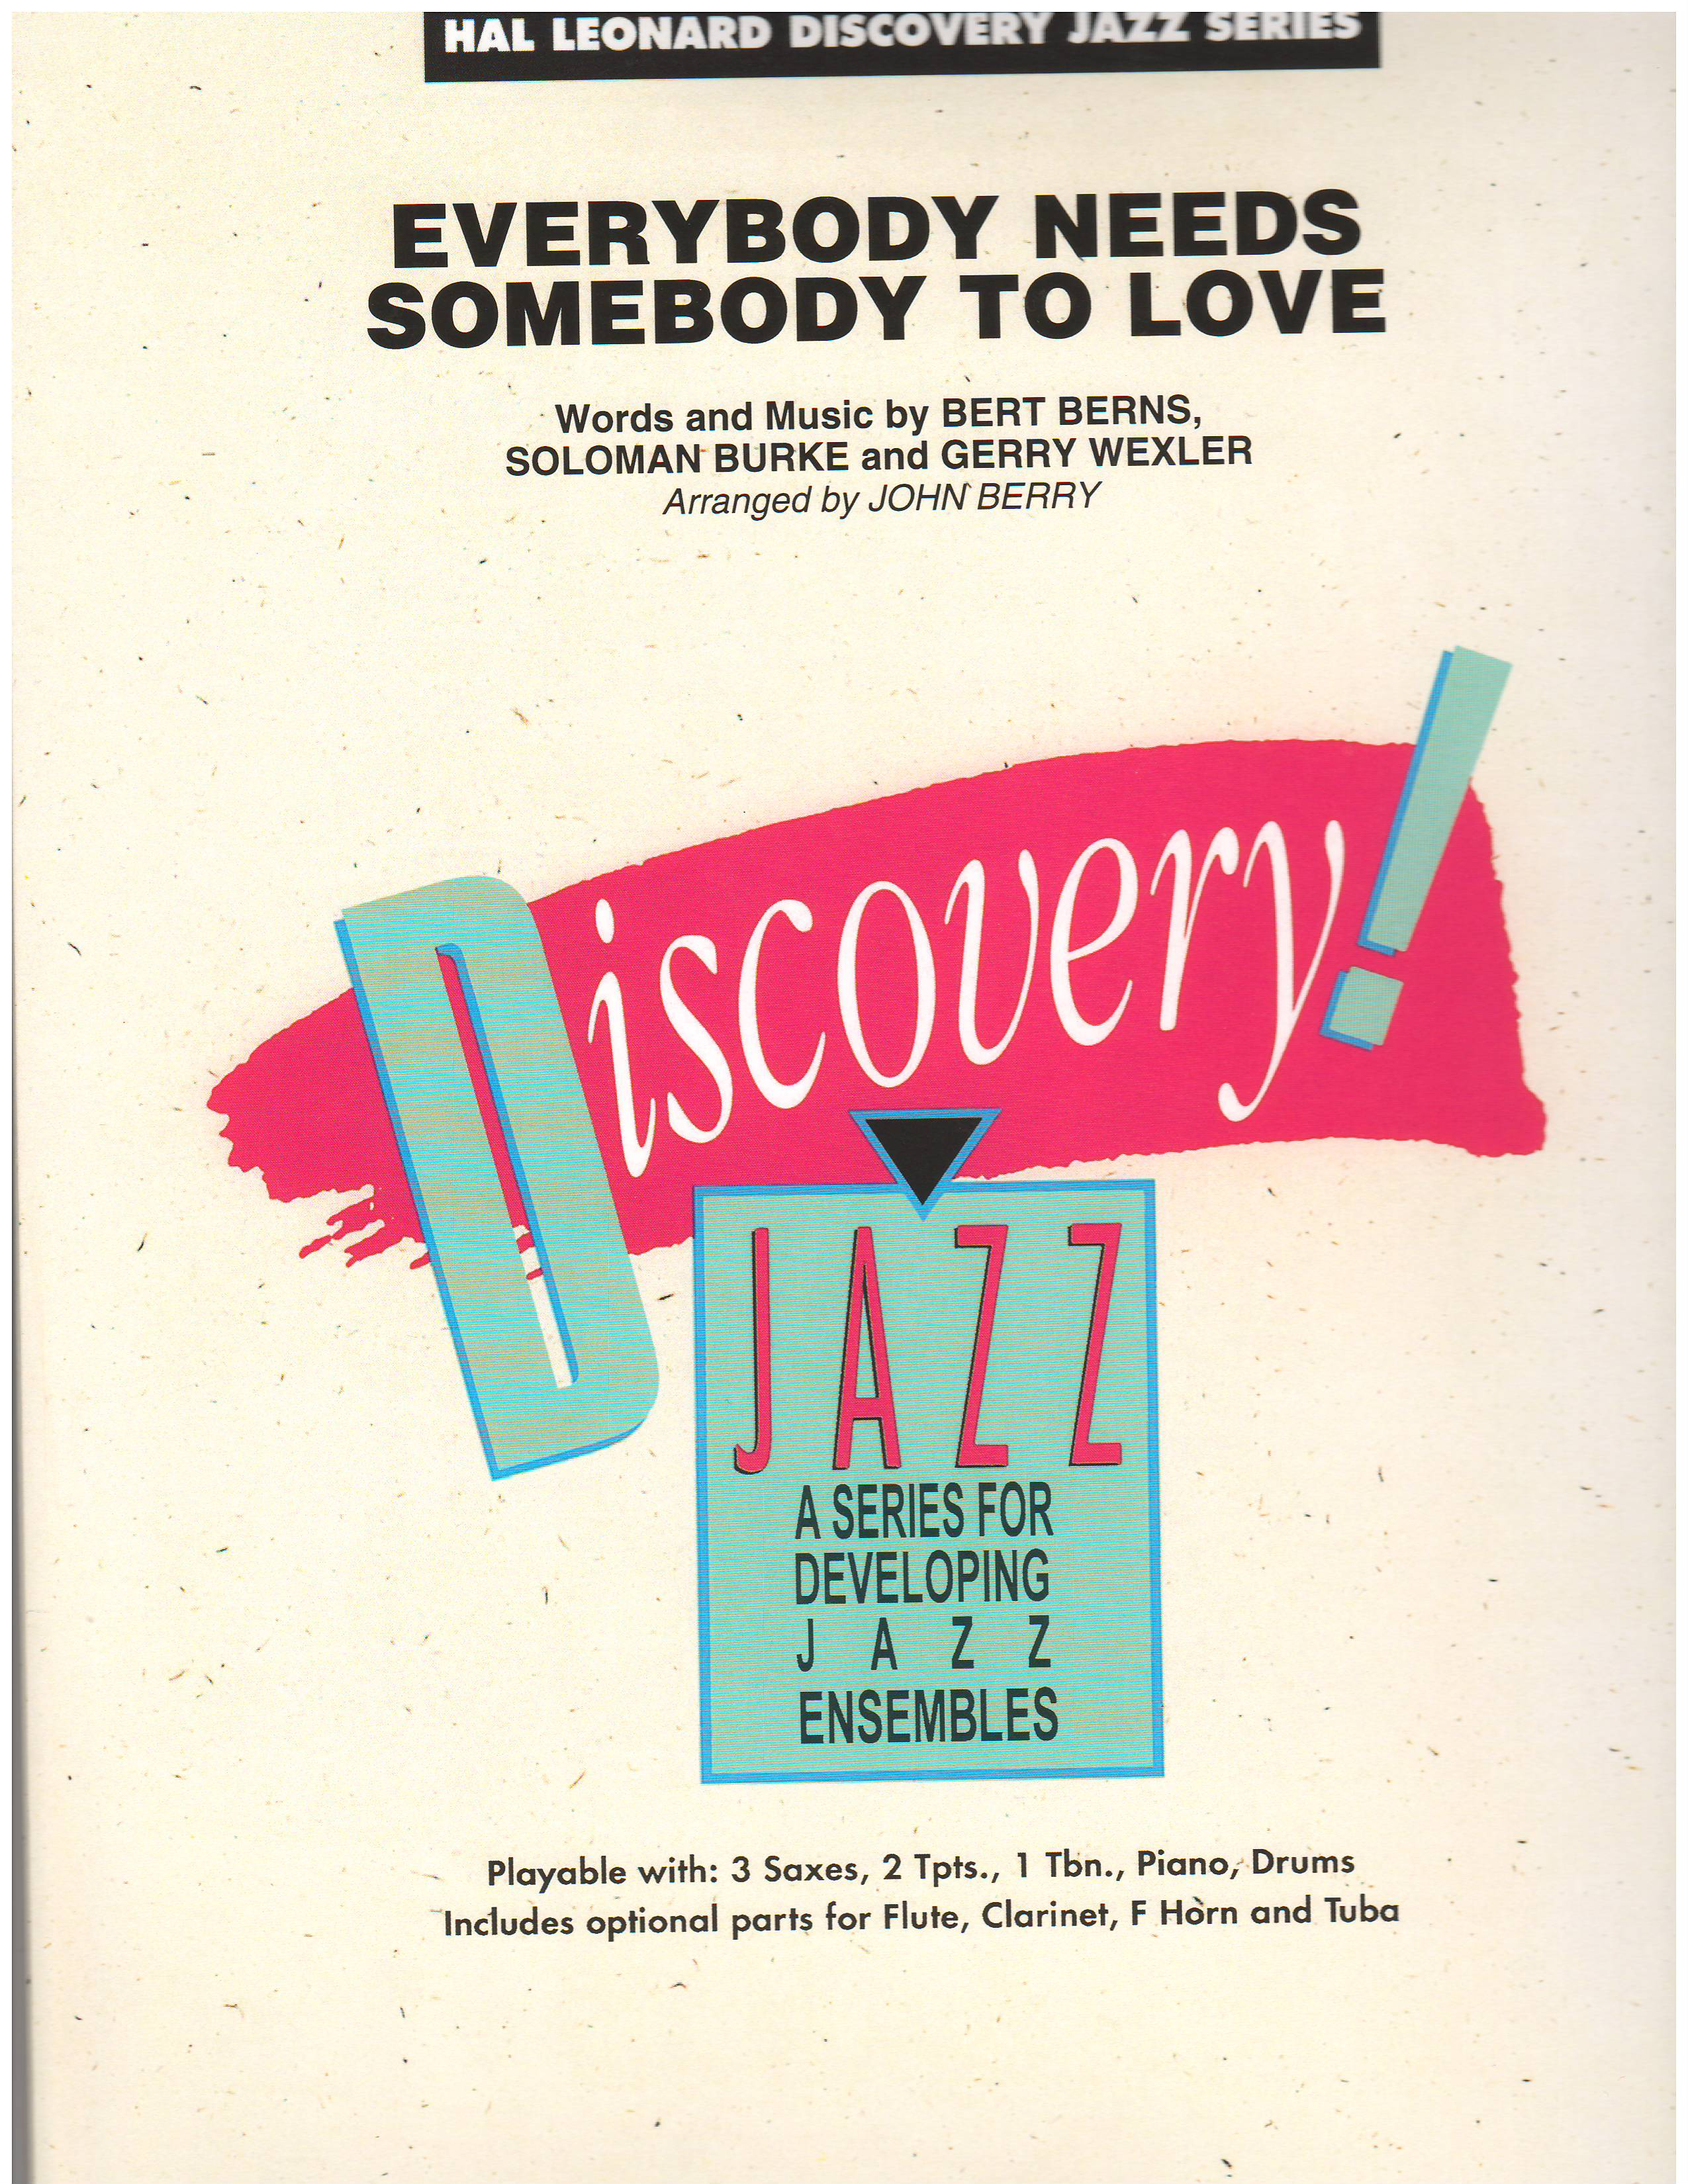 EVERYBODY NEEDS SOMEBODY TO LOVE - Flexible Instrumentation